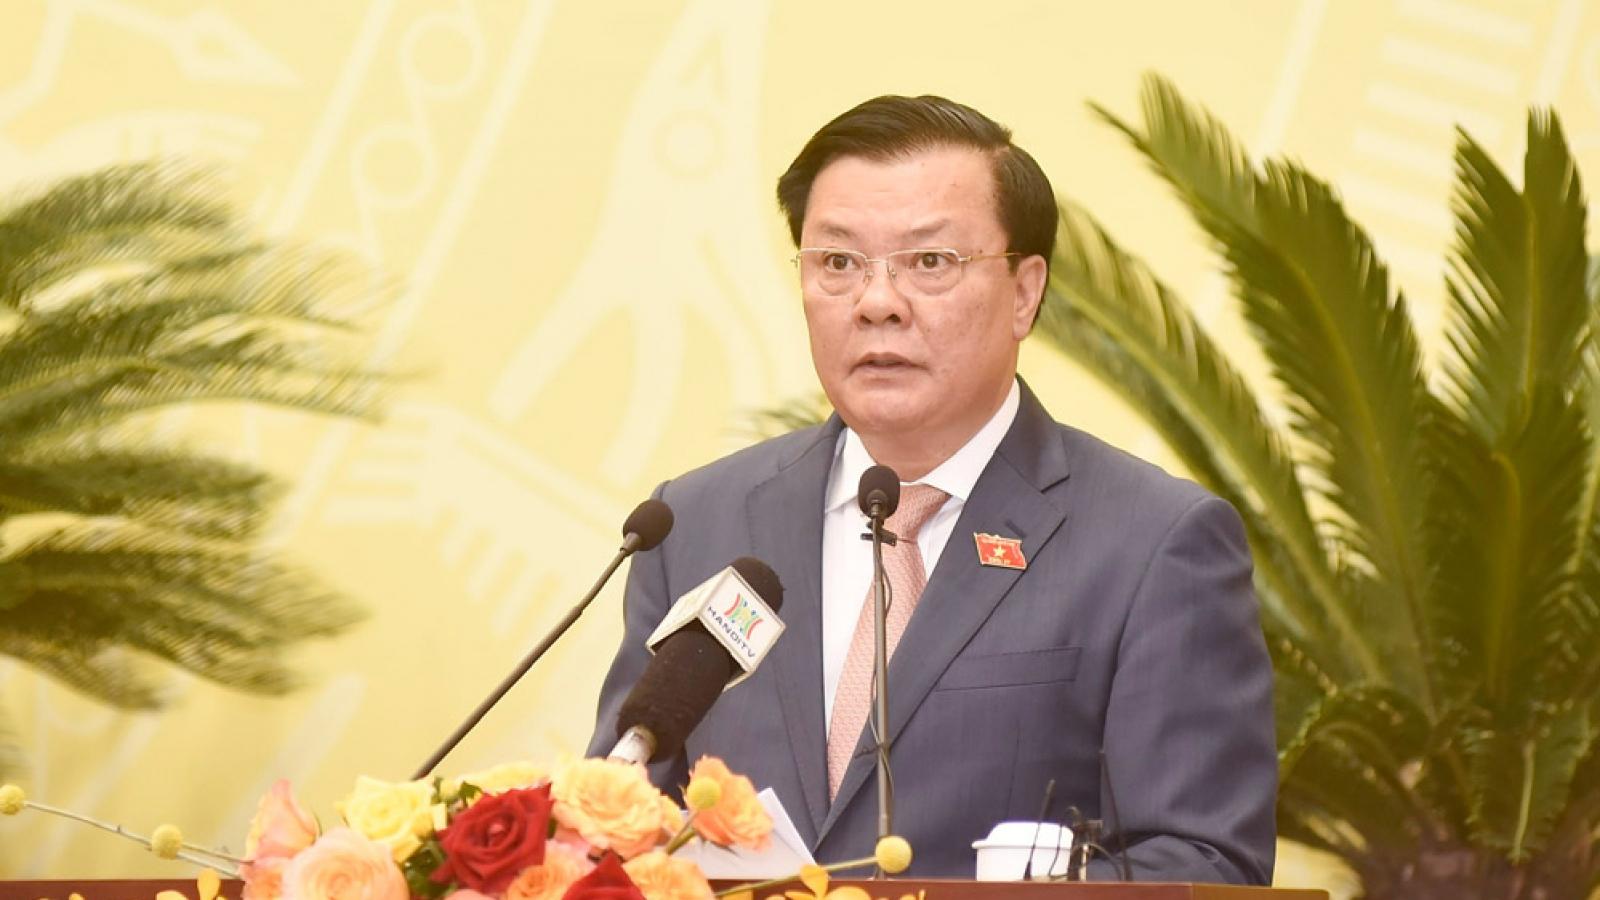 Bí thư Hà Nội: Khống chế dịch bệnh, tạo điều kiện thuận lợi nhất cho sản xuất, kinh doanh